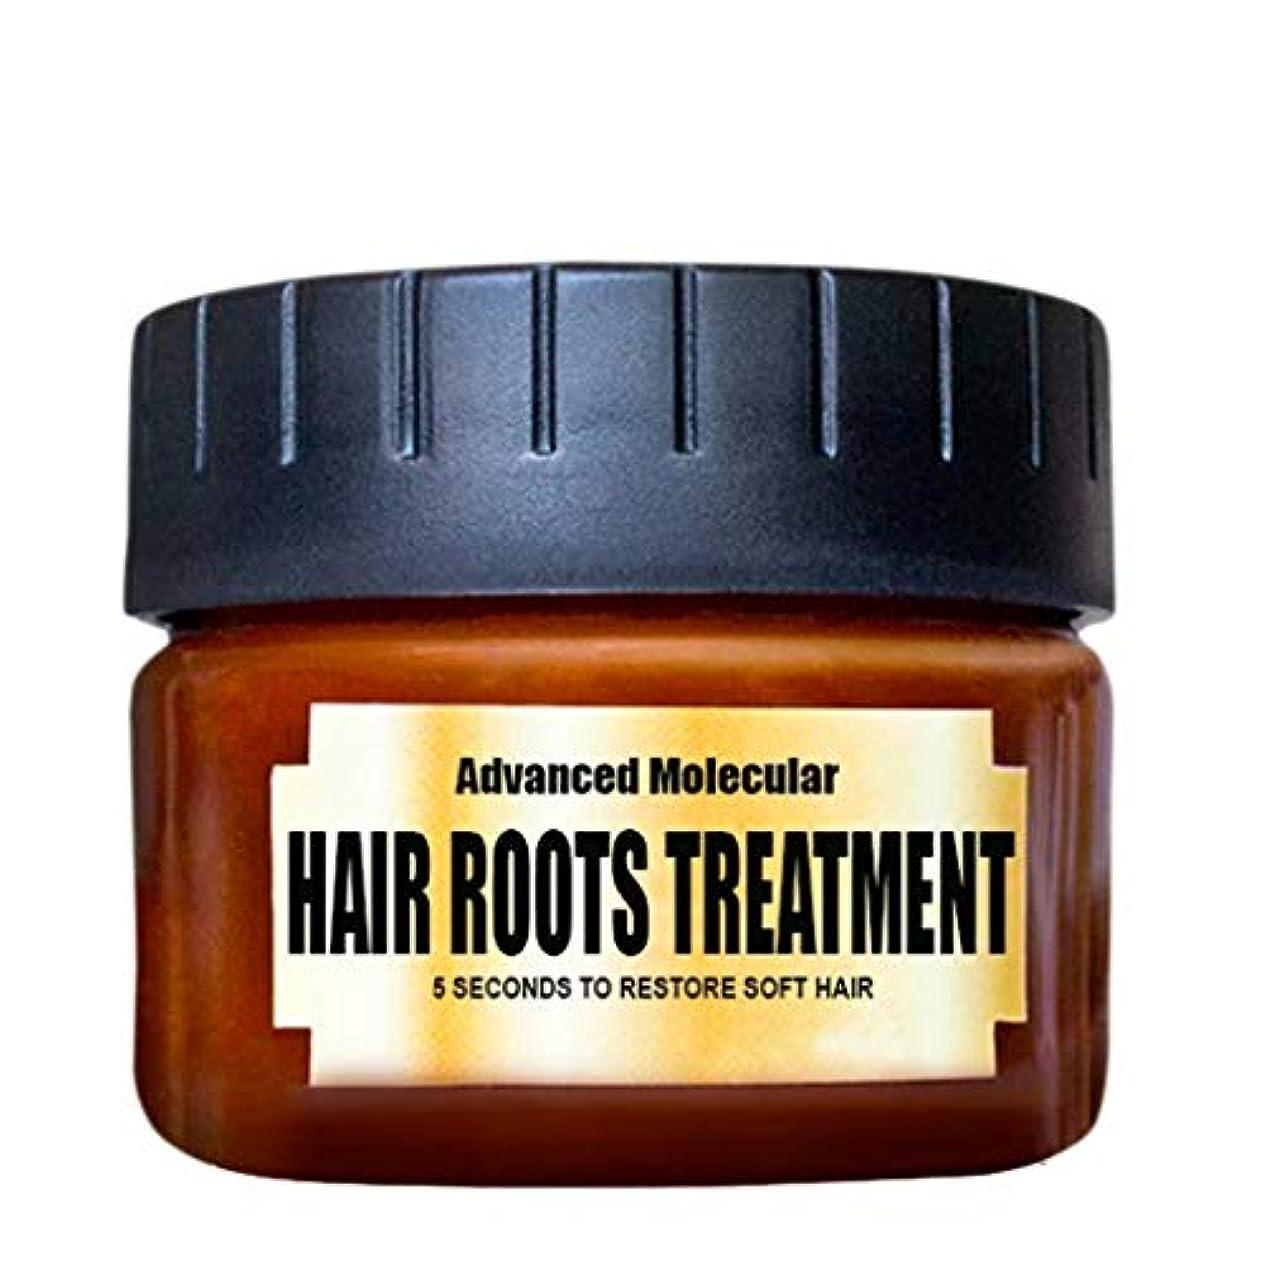 スポークスマンアクセスできない君主DOUJI 天然植物成分 ヘアケア リッチリペア コンディショナー60ml コンディショナー 髪の解毒ヘアマスク高度な分子毛根治療回復エクストラダメージケア トリートメント